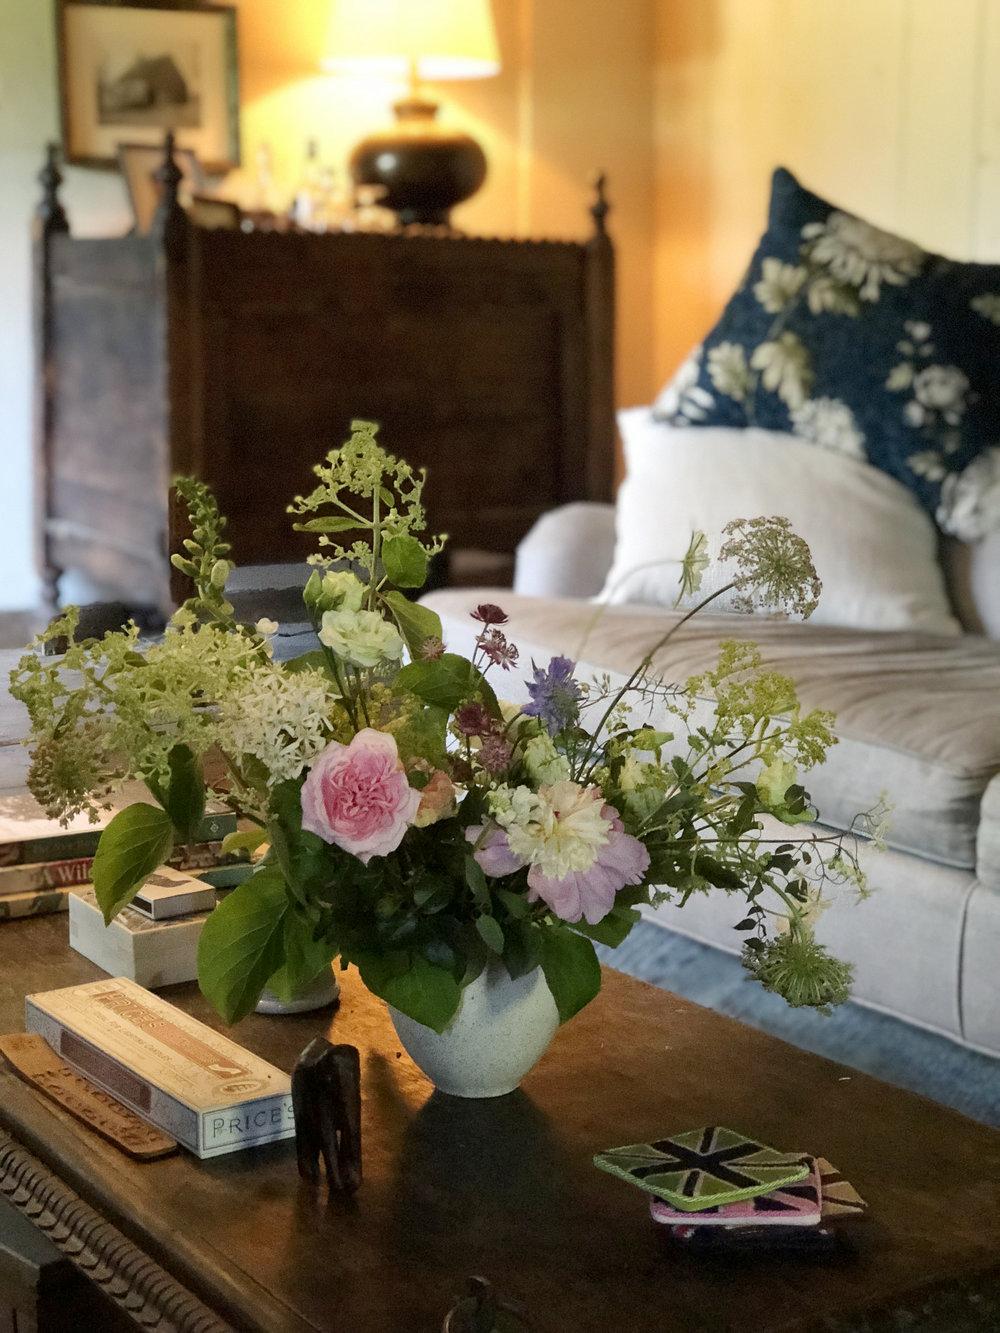 A natural garden-style arrangement.